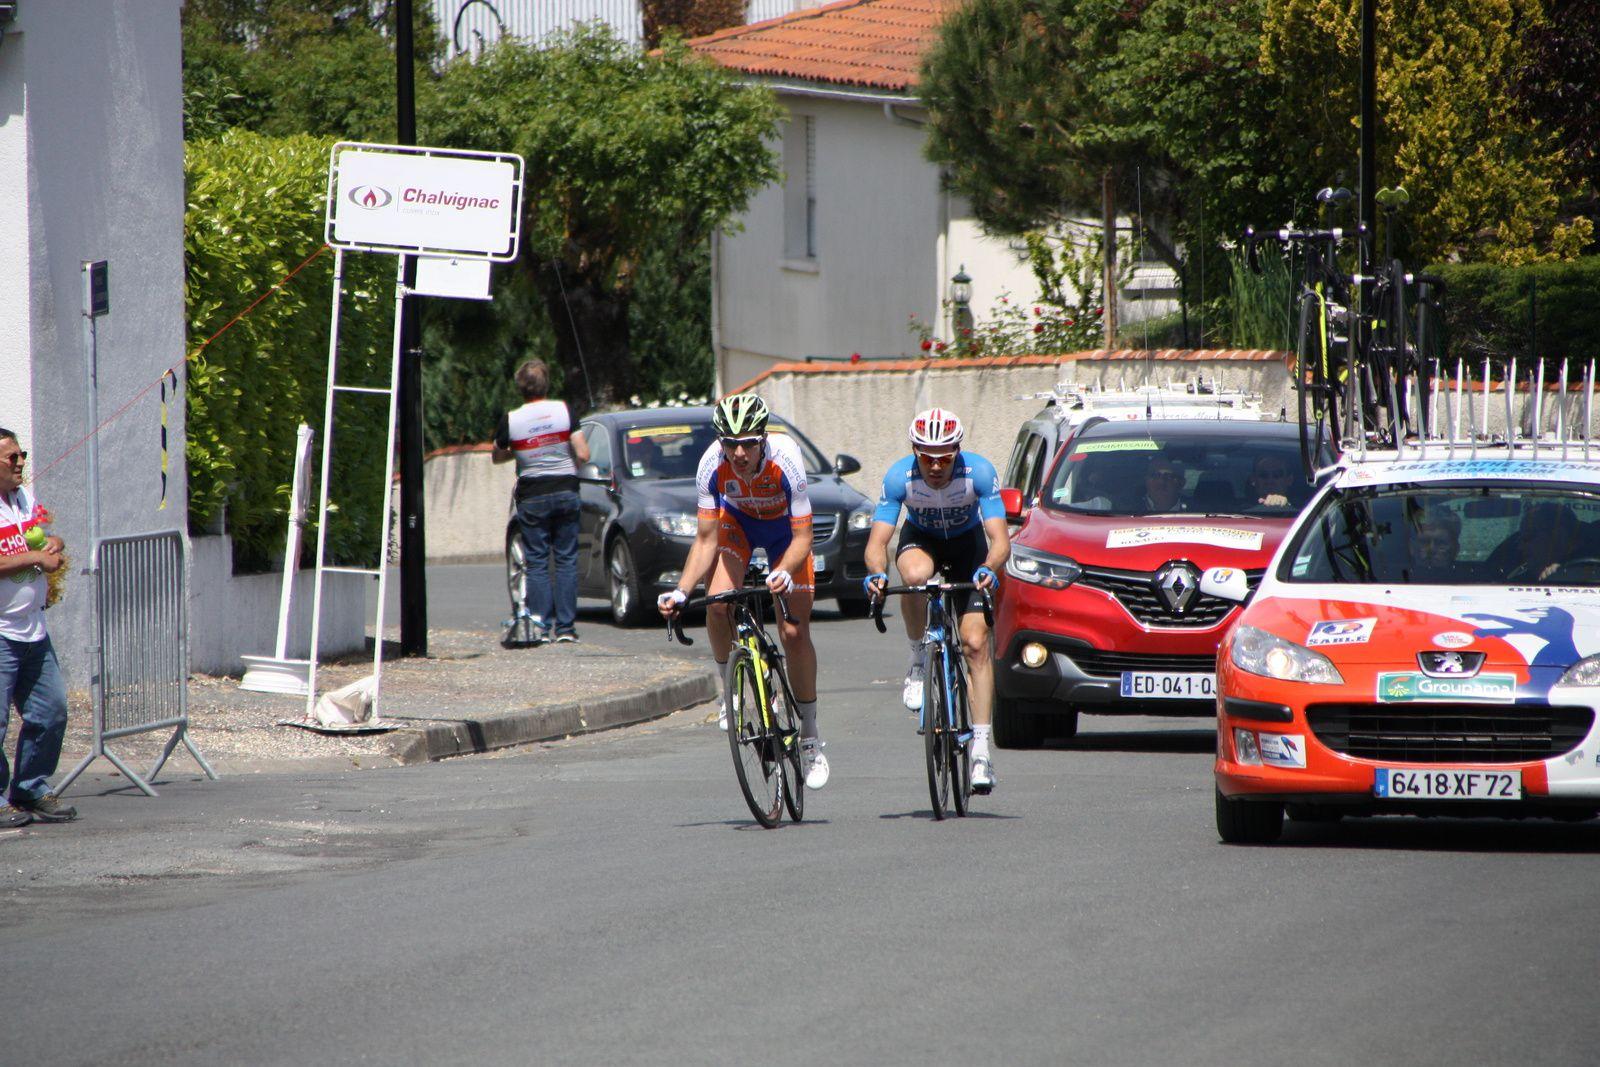 """1er  passage  sur  la  ligne  à  Pons  ils  sont  2  en  tête  avec  1'45""""  d'avance  sur  le  peloton"""